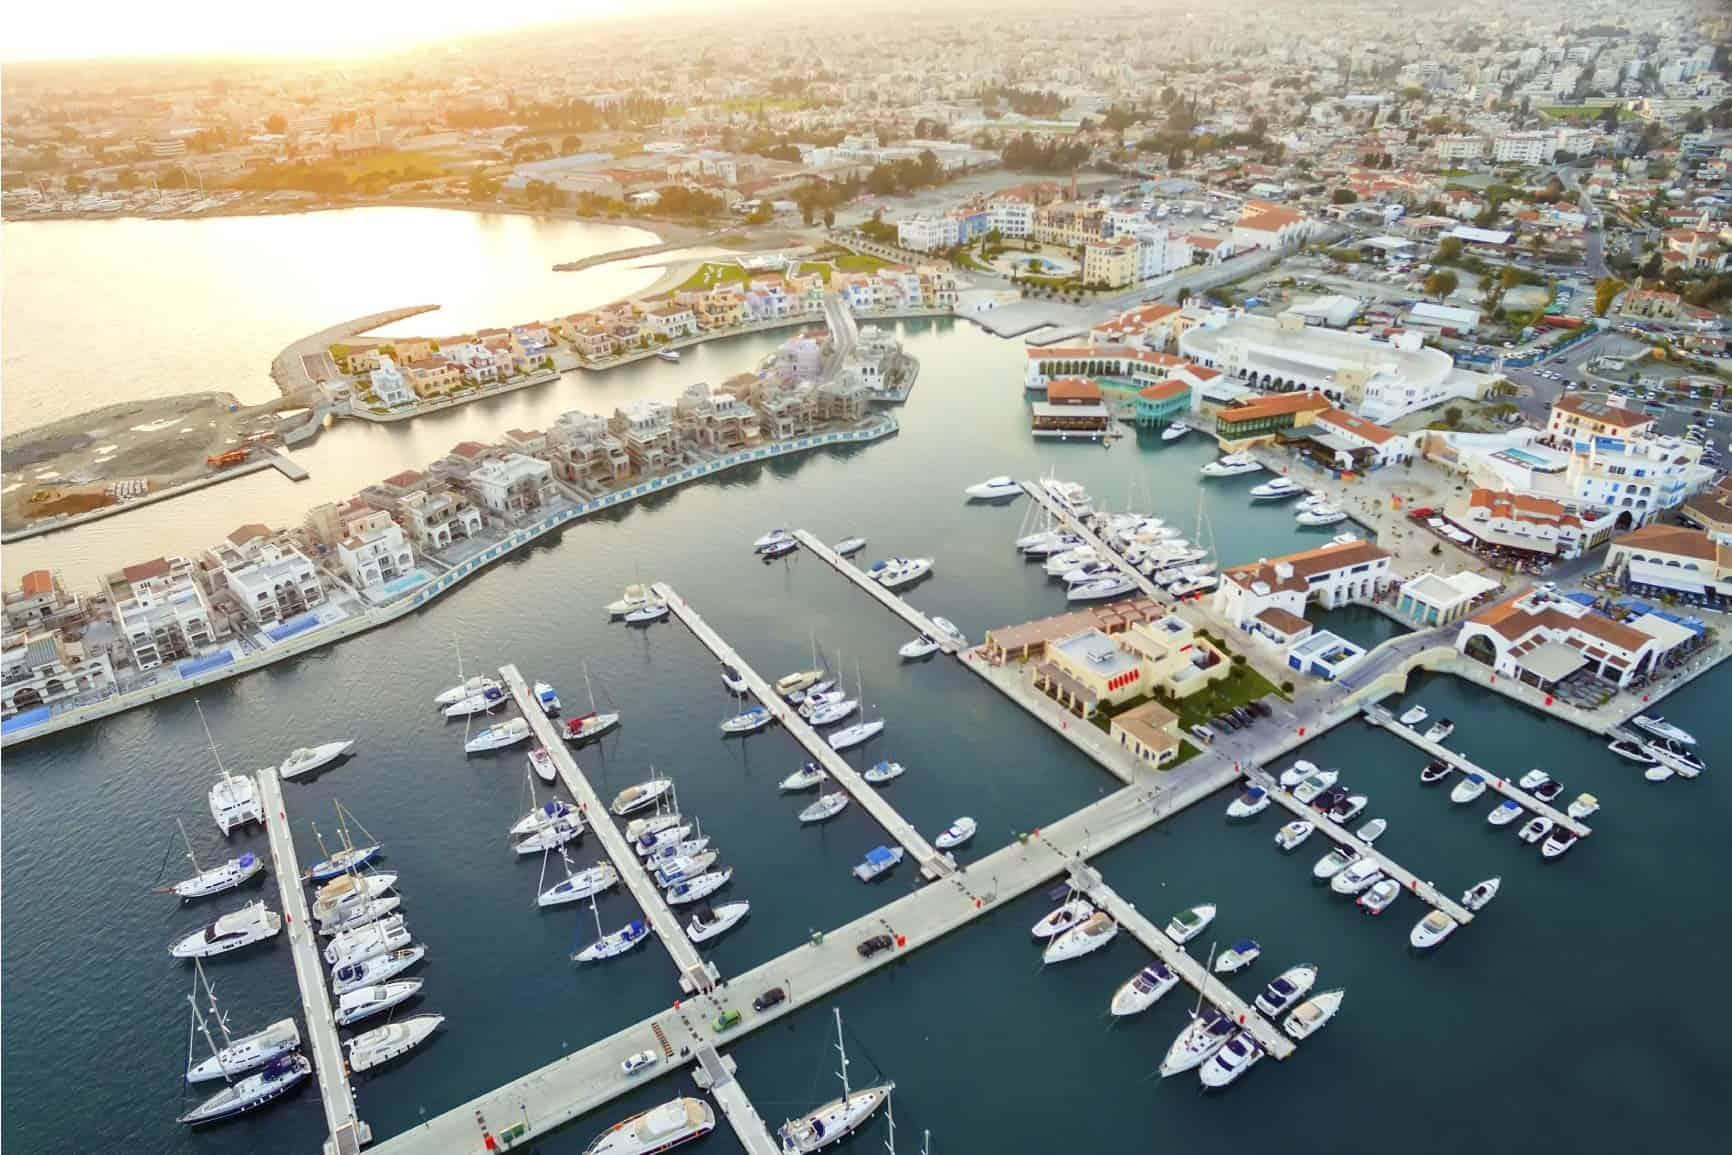 Kinh doanh tại Síp (Cyprus) có khó không? - Công ty tư vấn đầu tư Định cư quốc tế GIG - Chuyên gia về định cư châu Âu, định cư đảo Síp Cyprus